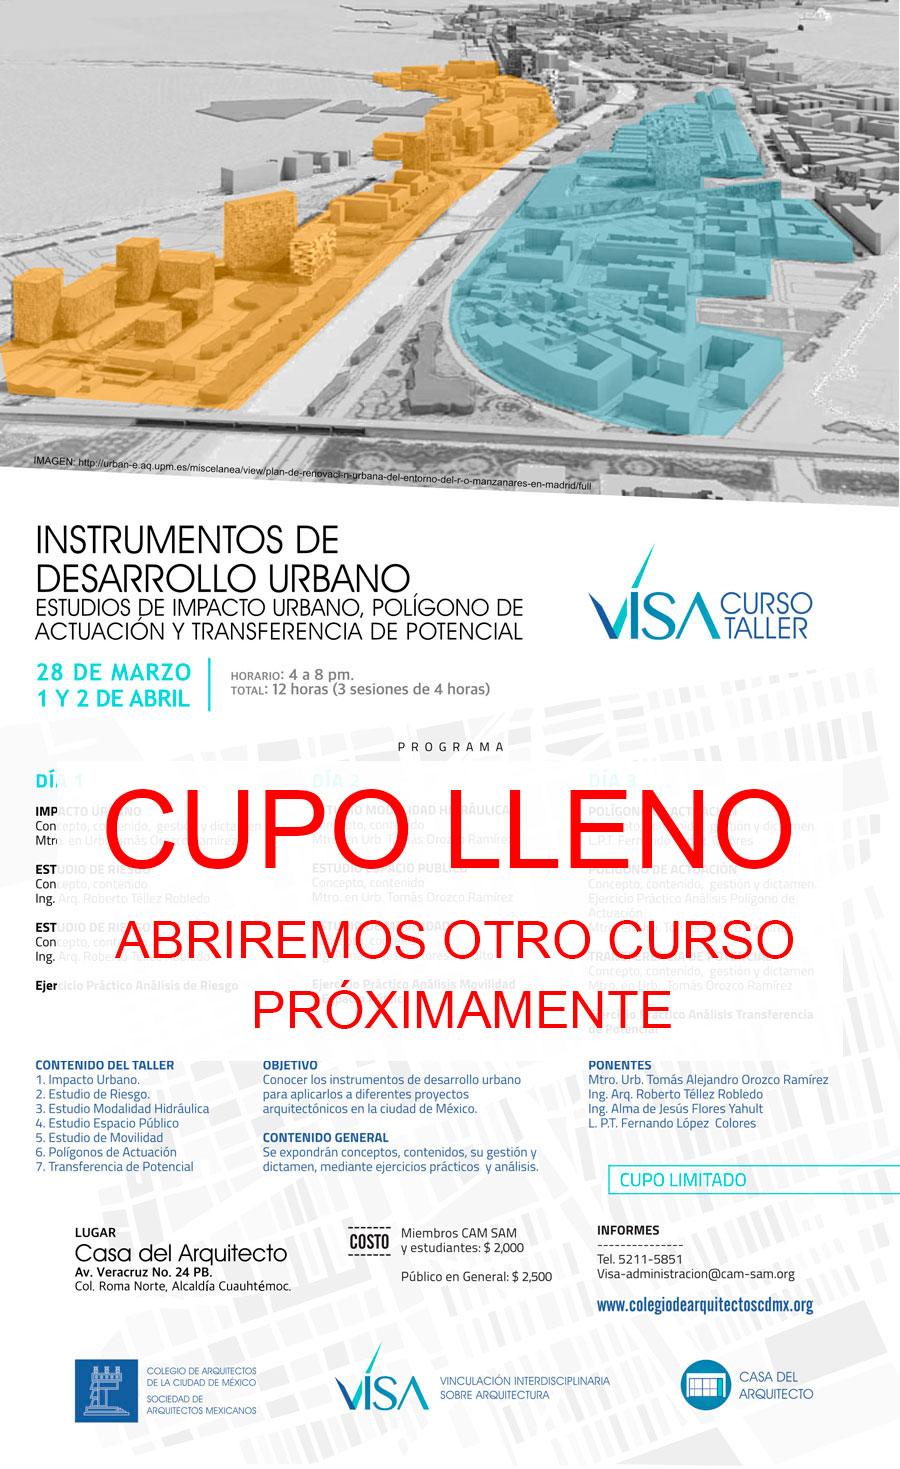 CUPO-LLENO